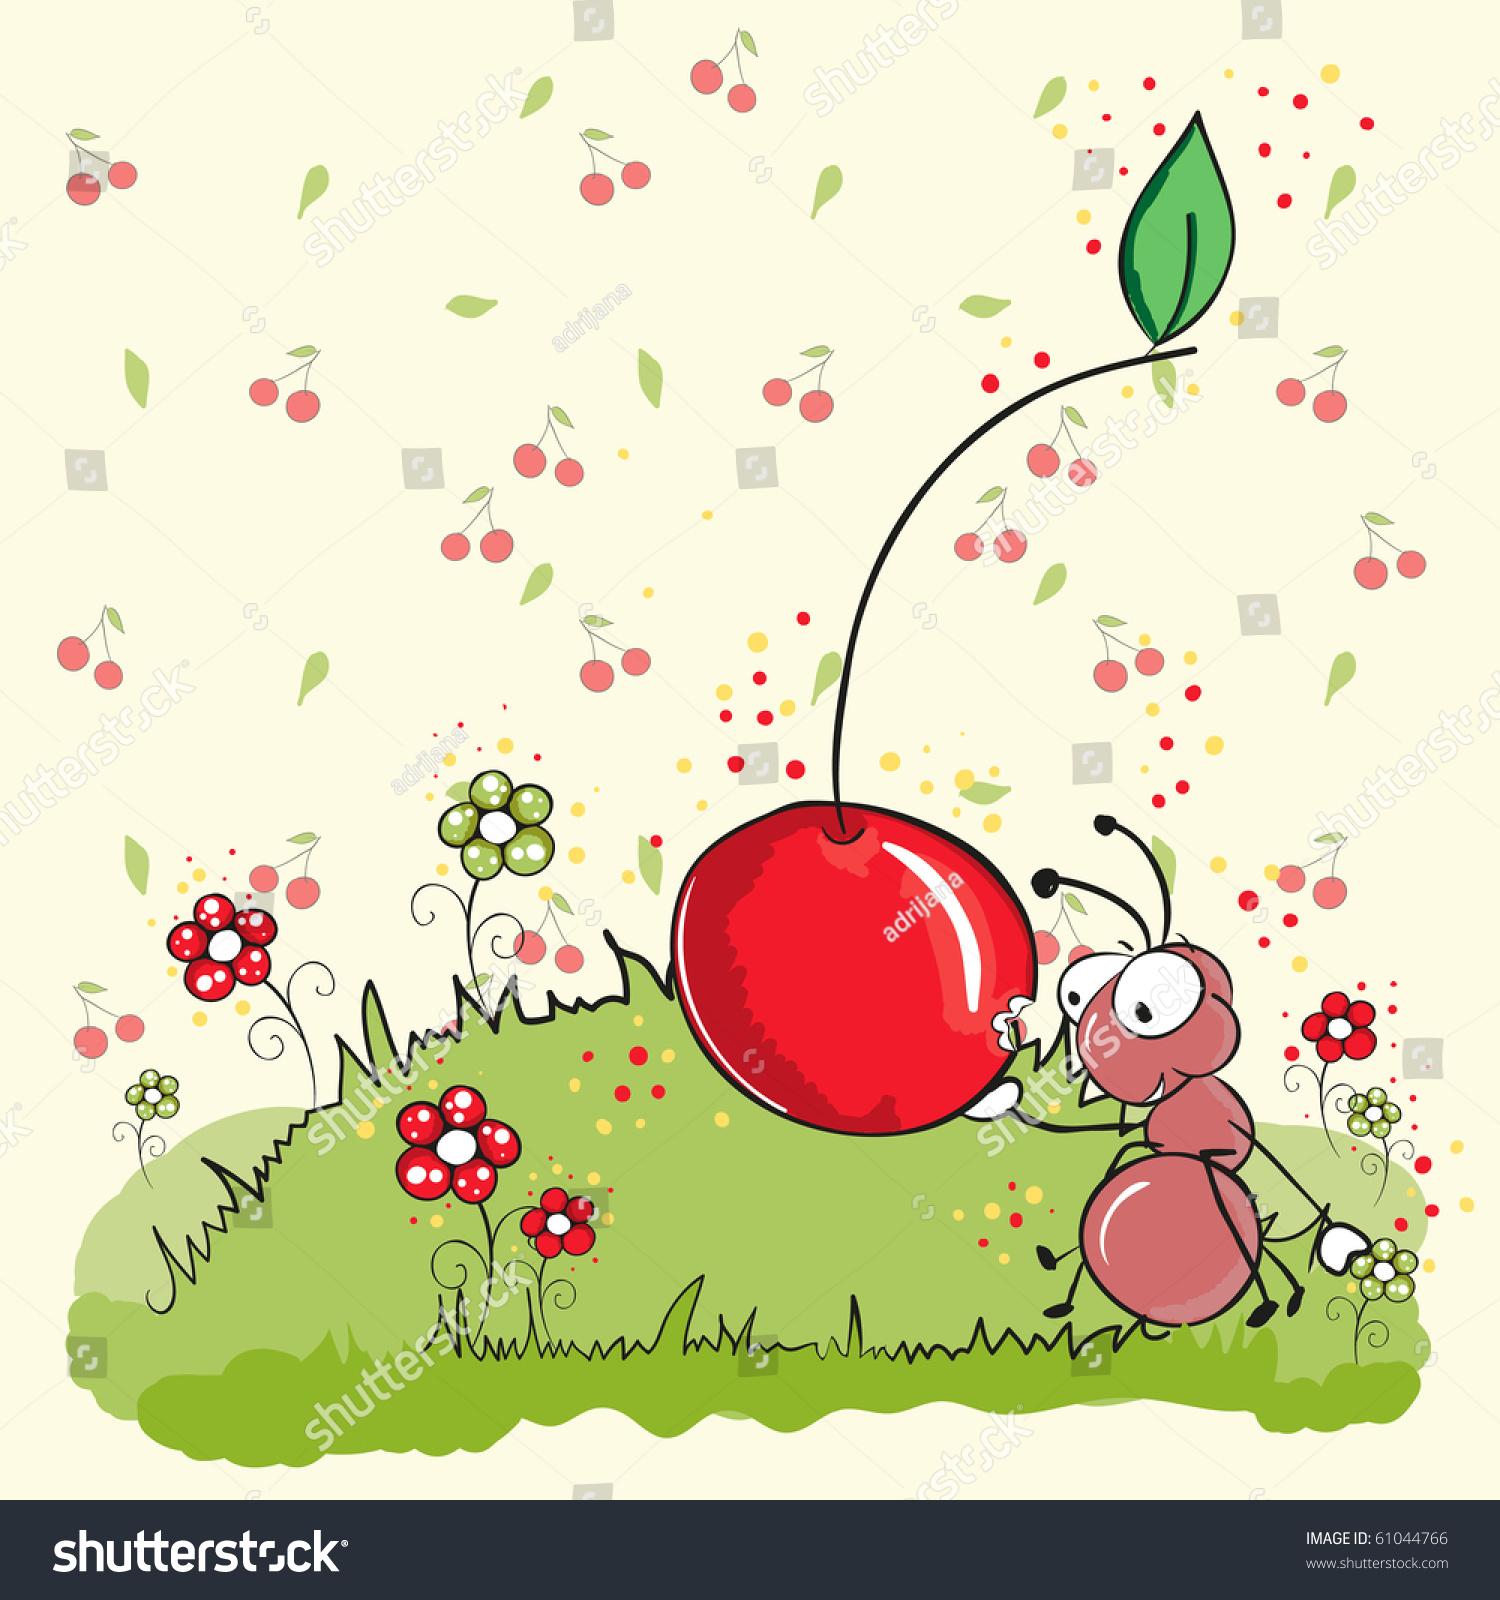 粉红色的蚂蚁吃樱桃——一切分组,方便使用-背景/素材